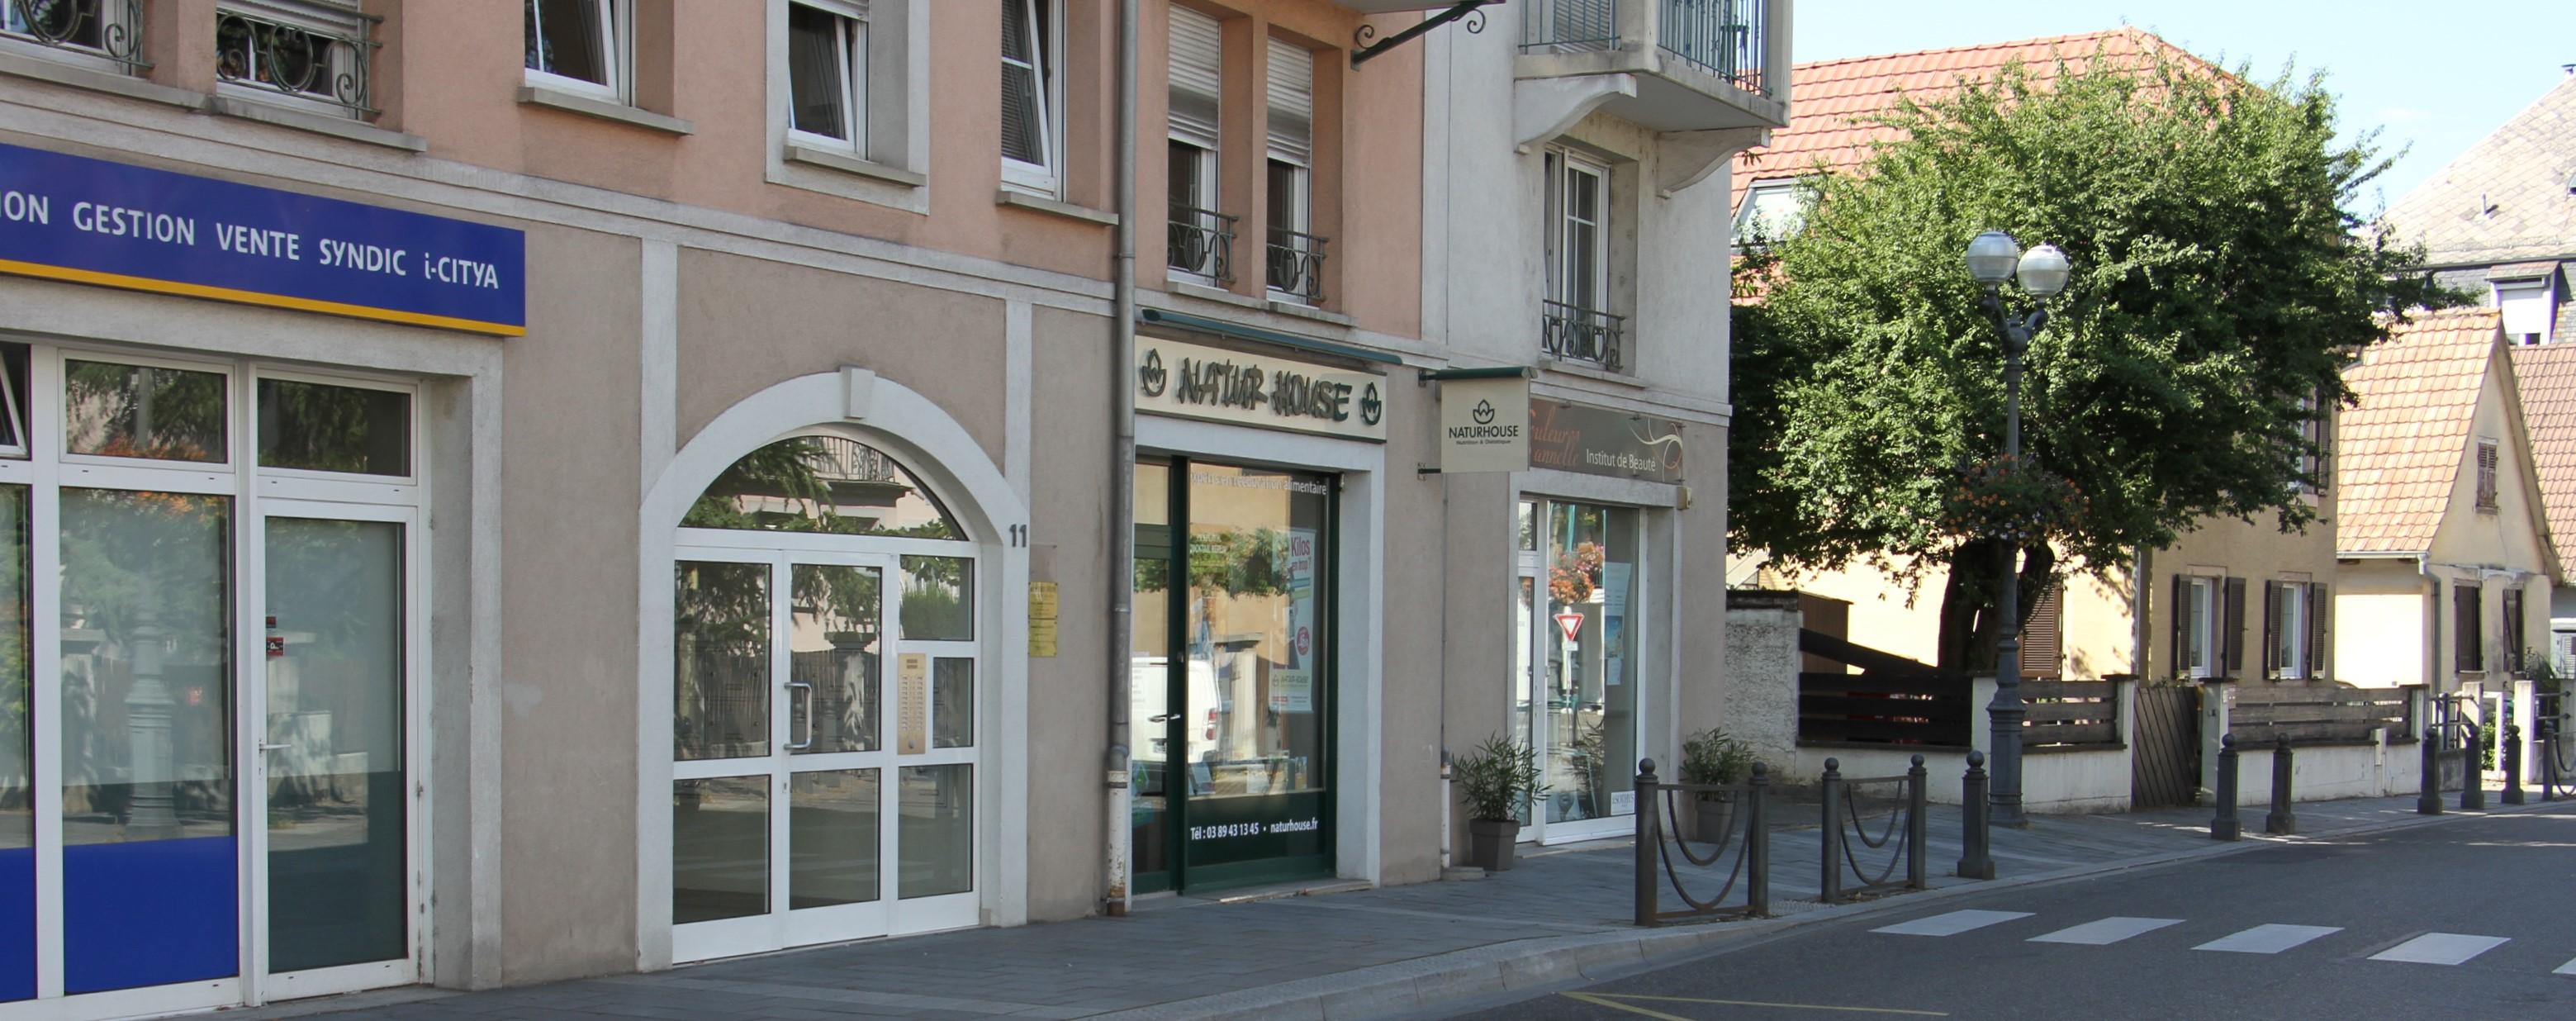 Eingang der Praxis von Dr. Ebner in Riedisheim